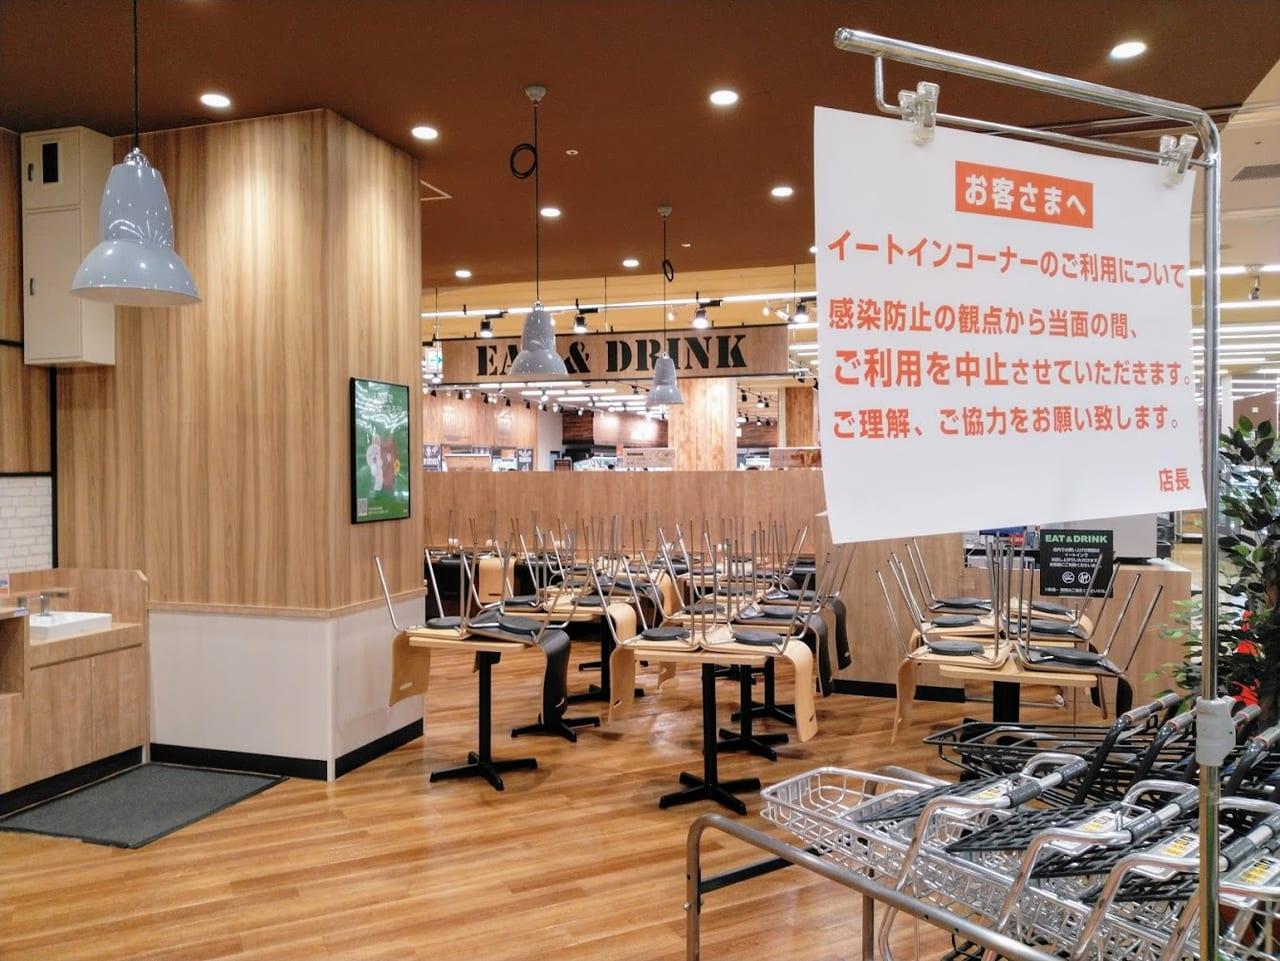 ダイエー宝塚中山店のイートインスペースは利用中止